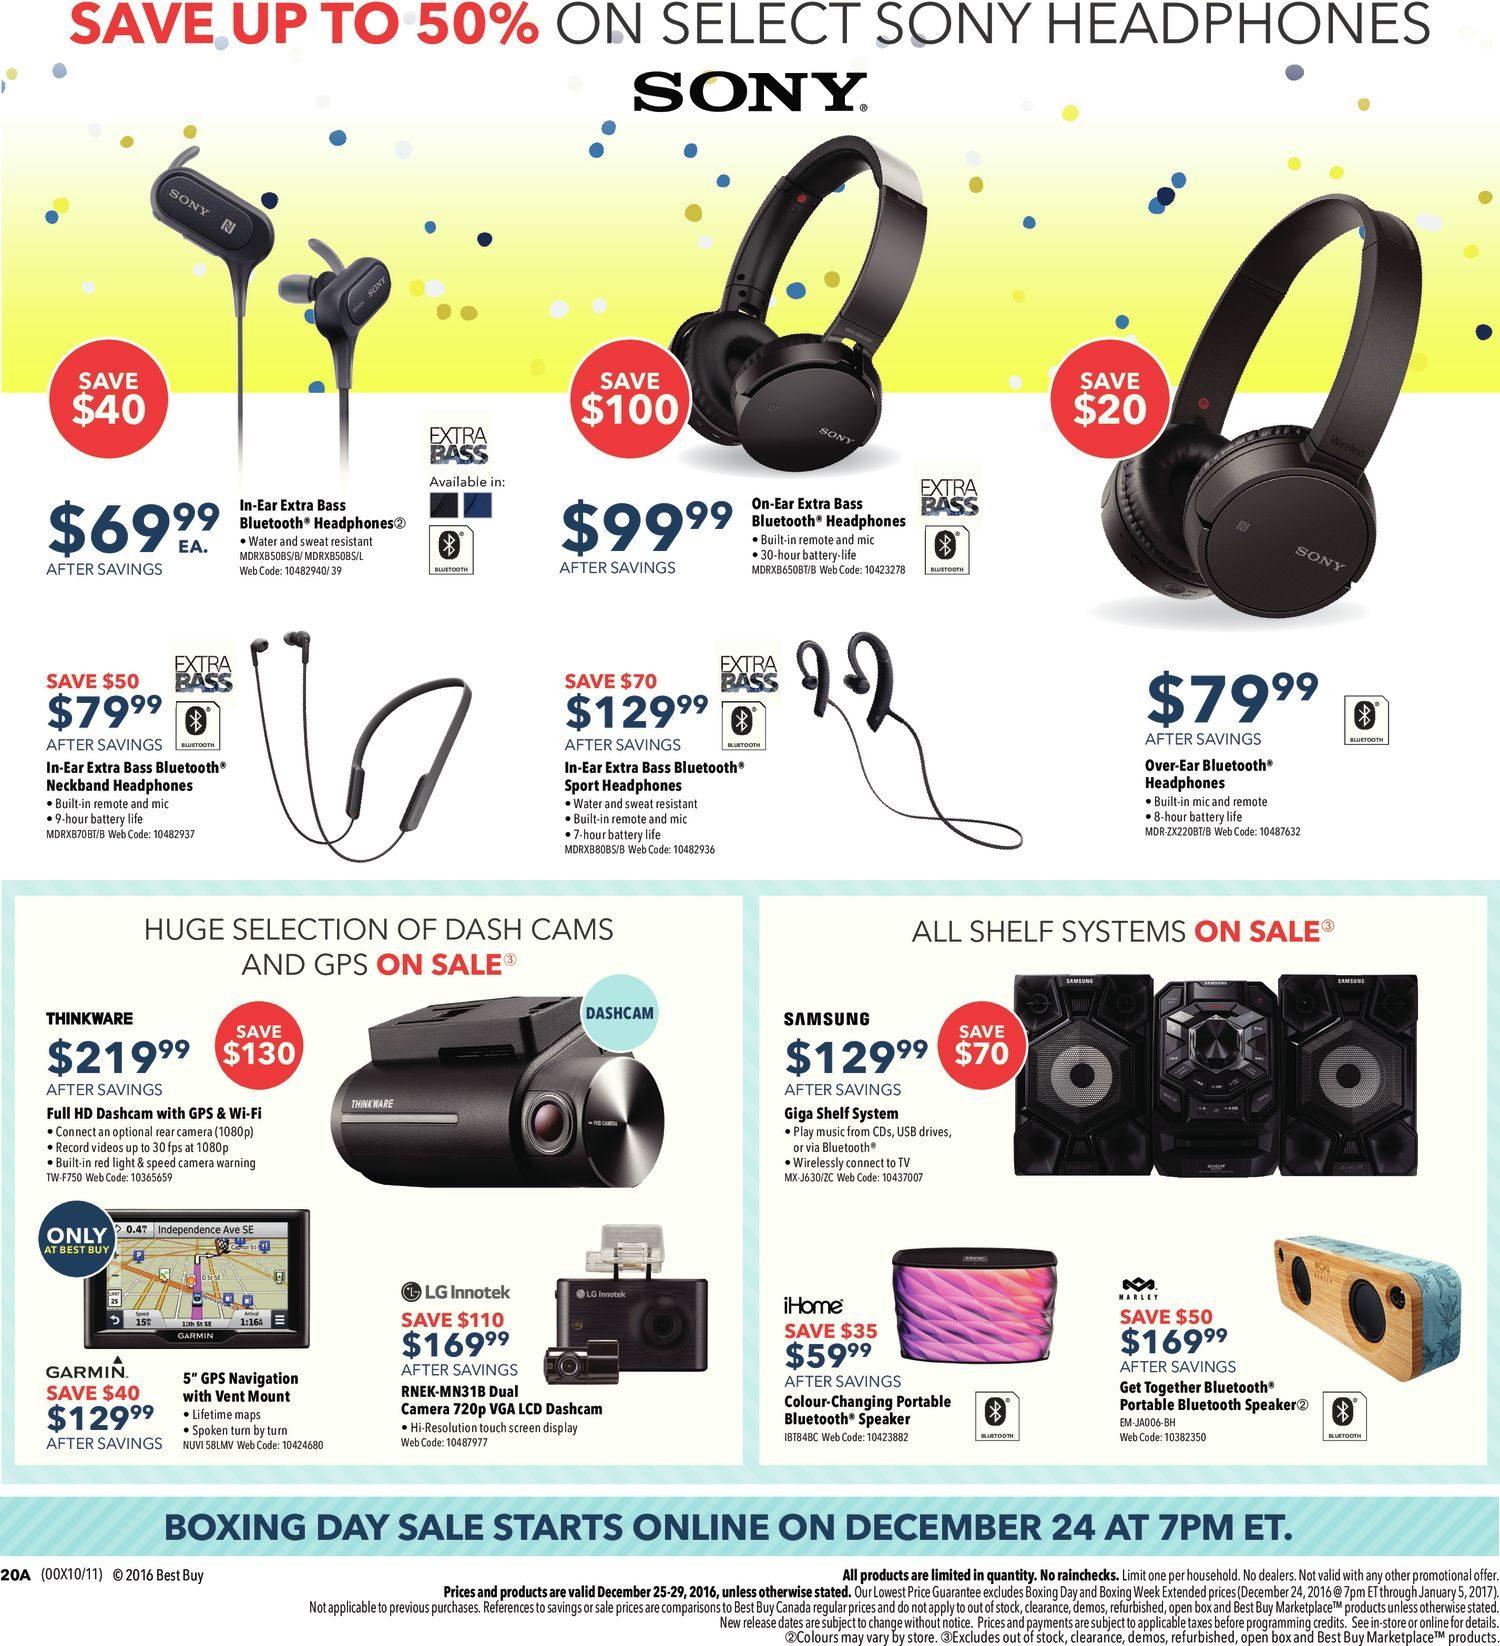 ec8c44bc53c Best Buy Weekly Flyer - Boxing Day Sale - Dec 25 – 29 - RedFlagDeals.com